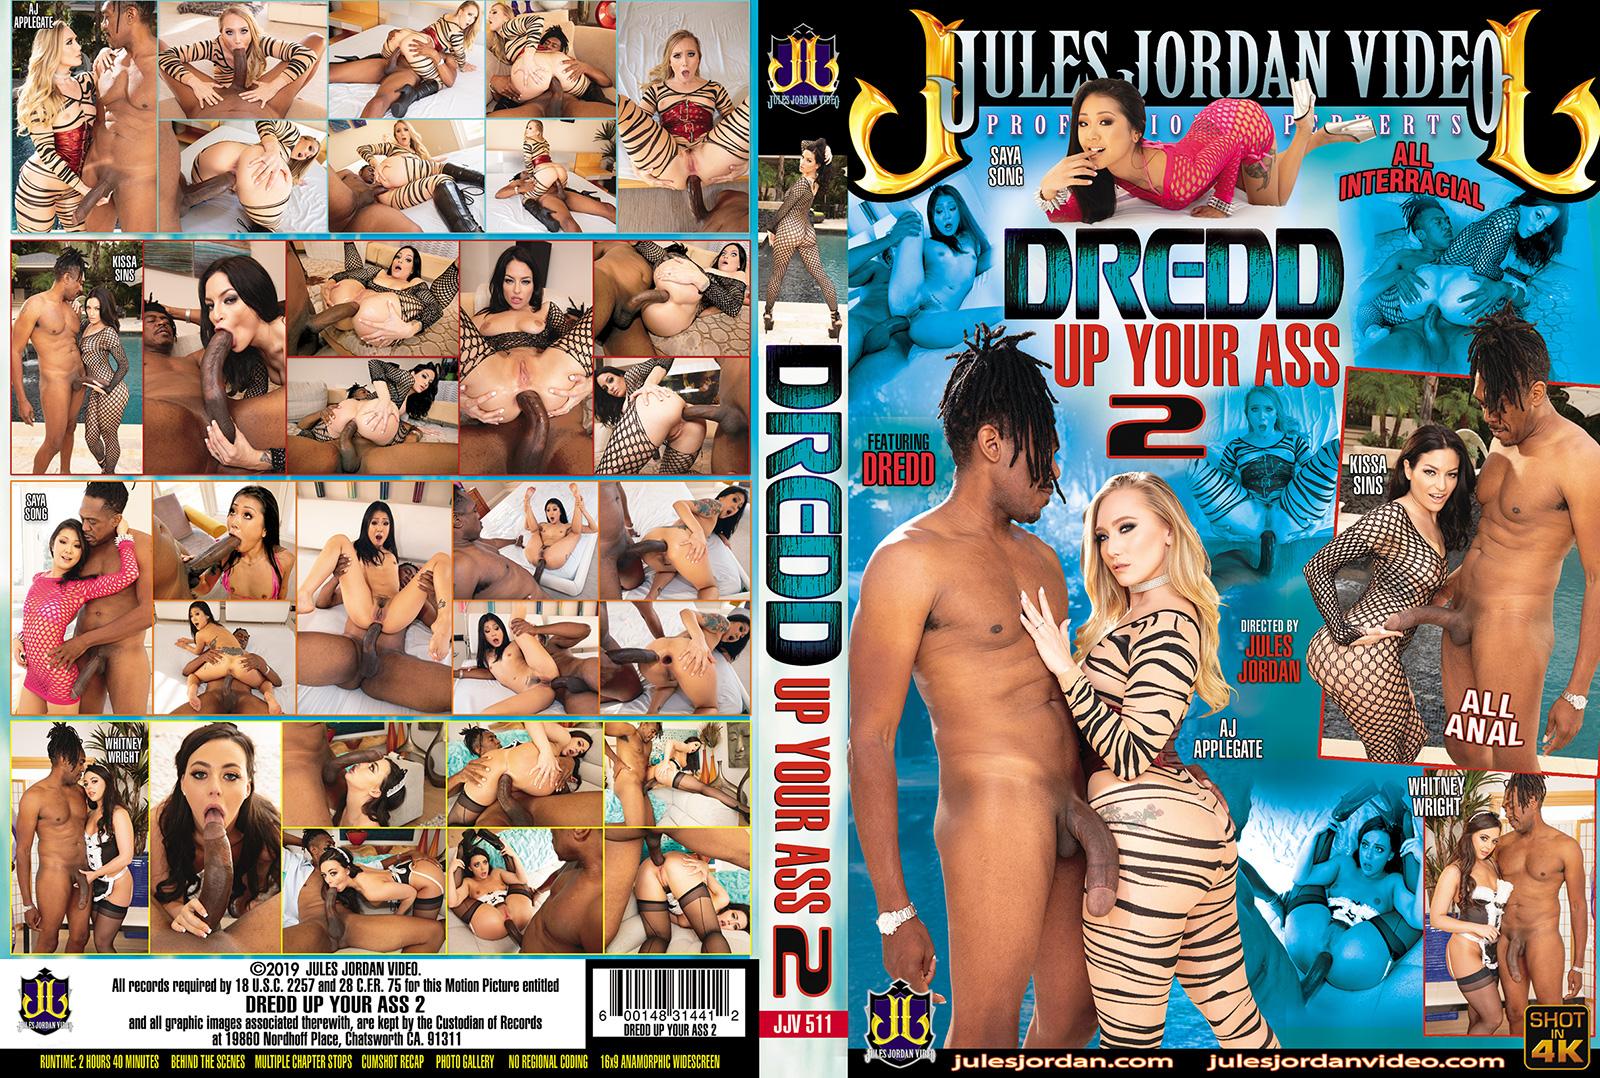 Dredd Up Your Ass 2 DVD